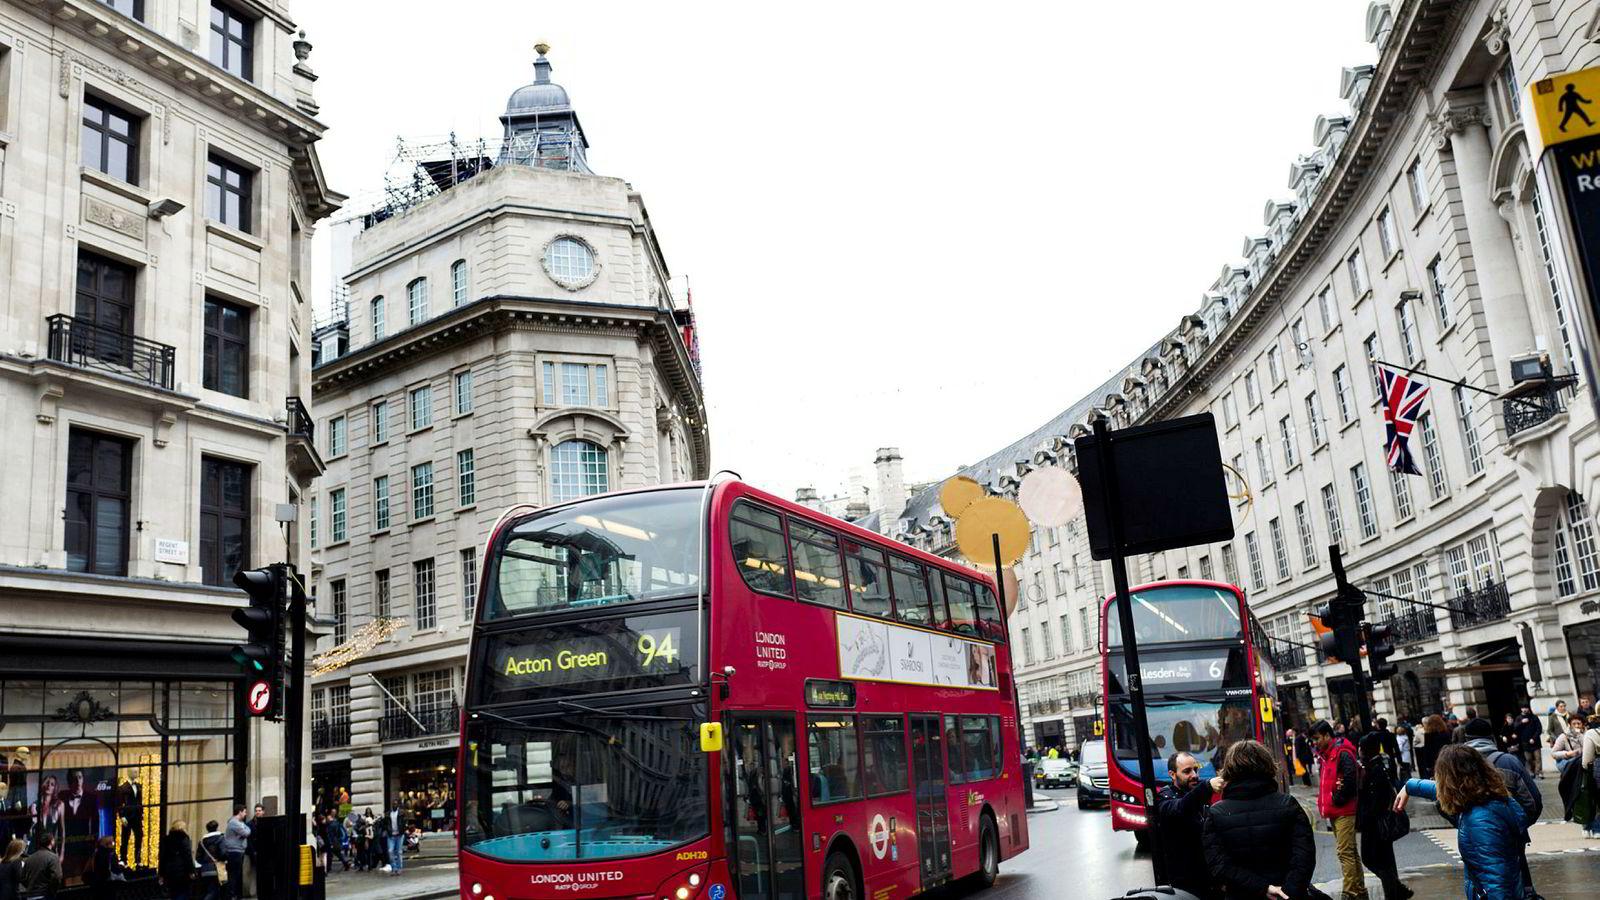 Oljefondet har siden starten høstet gevinster av en relativt stabil og velorganisert internasjonal orden. Det er også lett å se at for en investor er det hensiktsmessig å ha klare mål og enkle regler. Bildet er fra Regent Street i London.